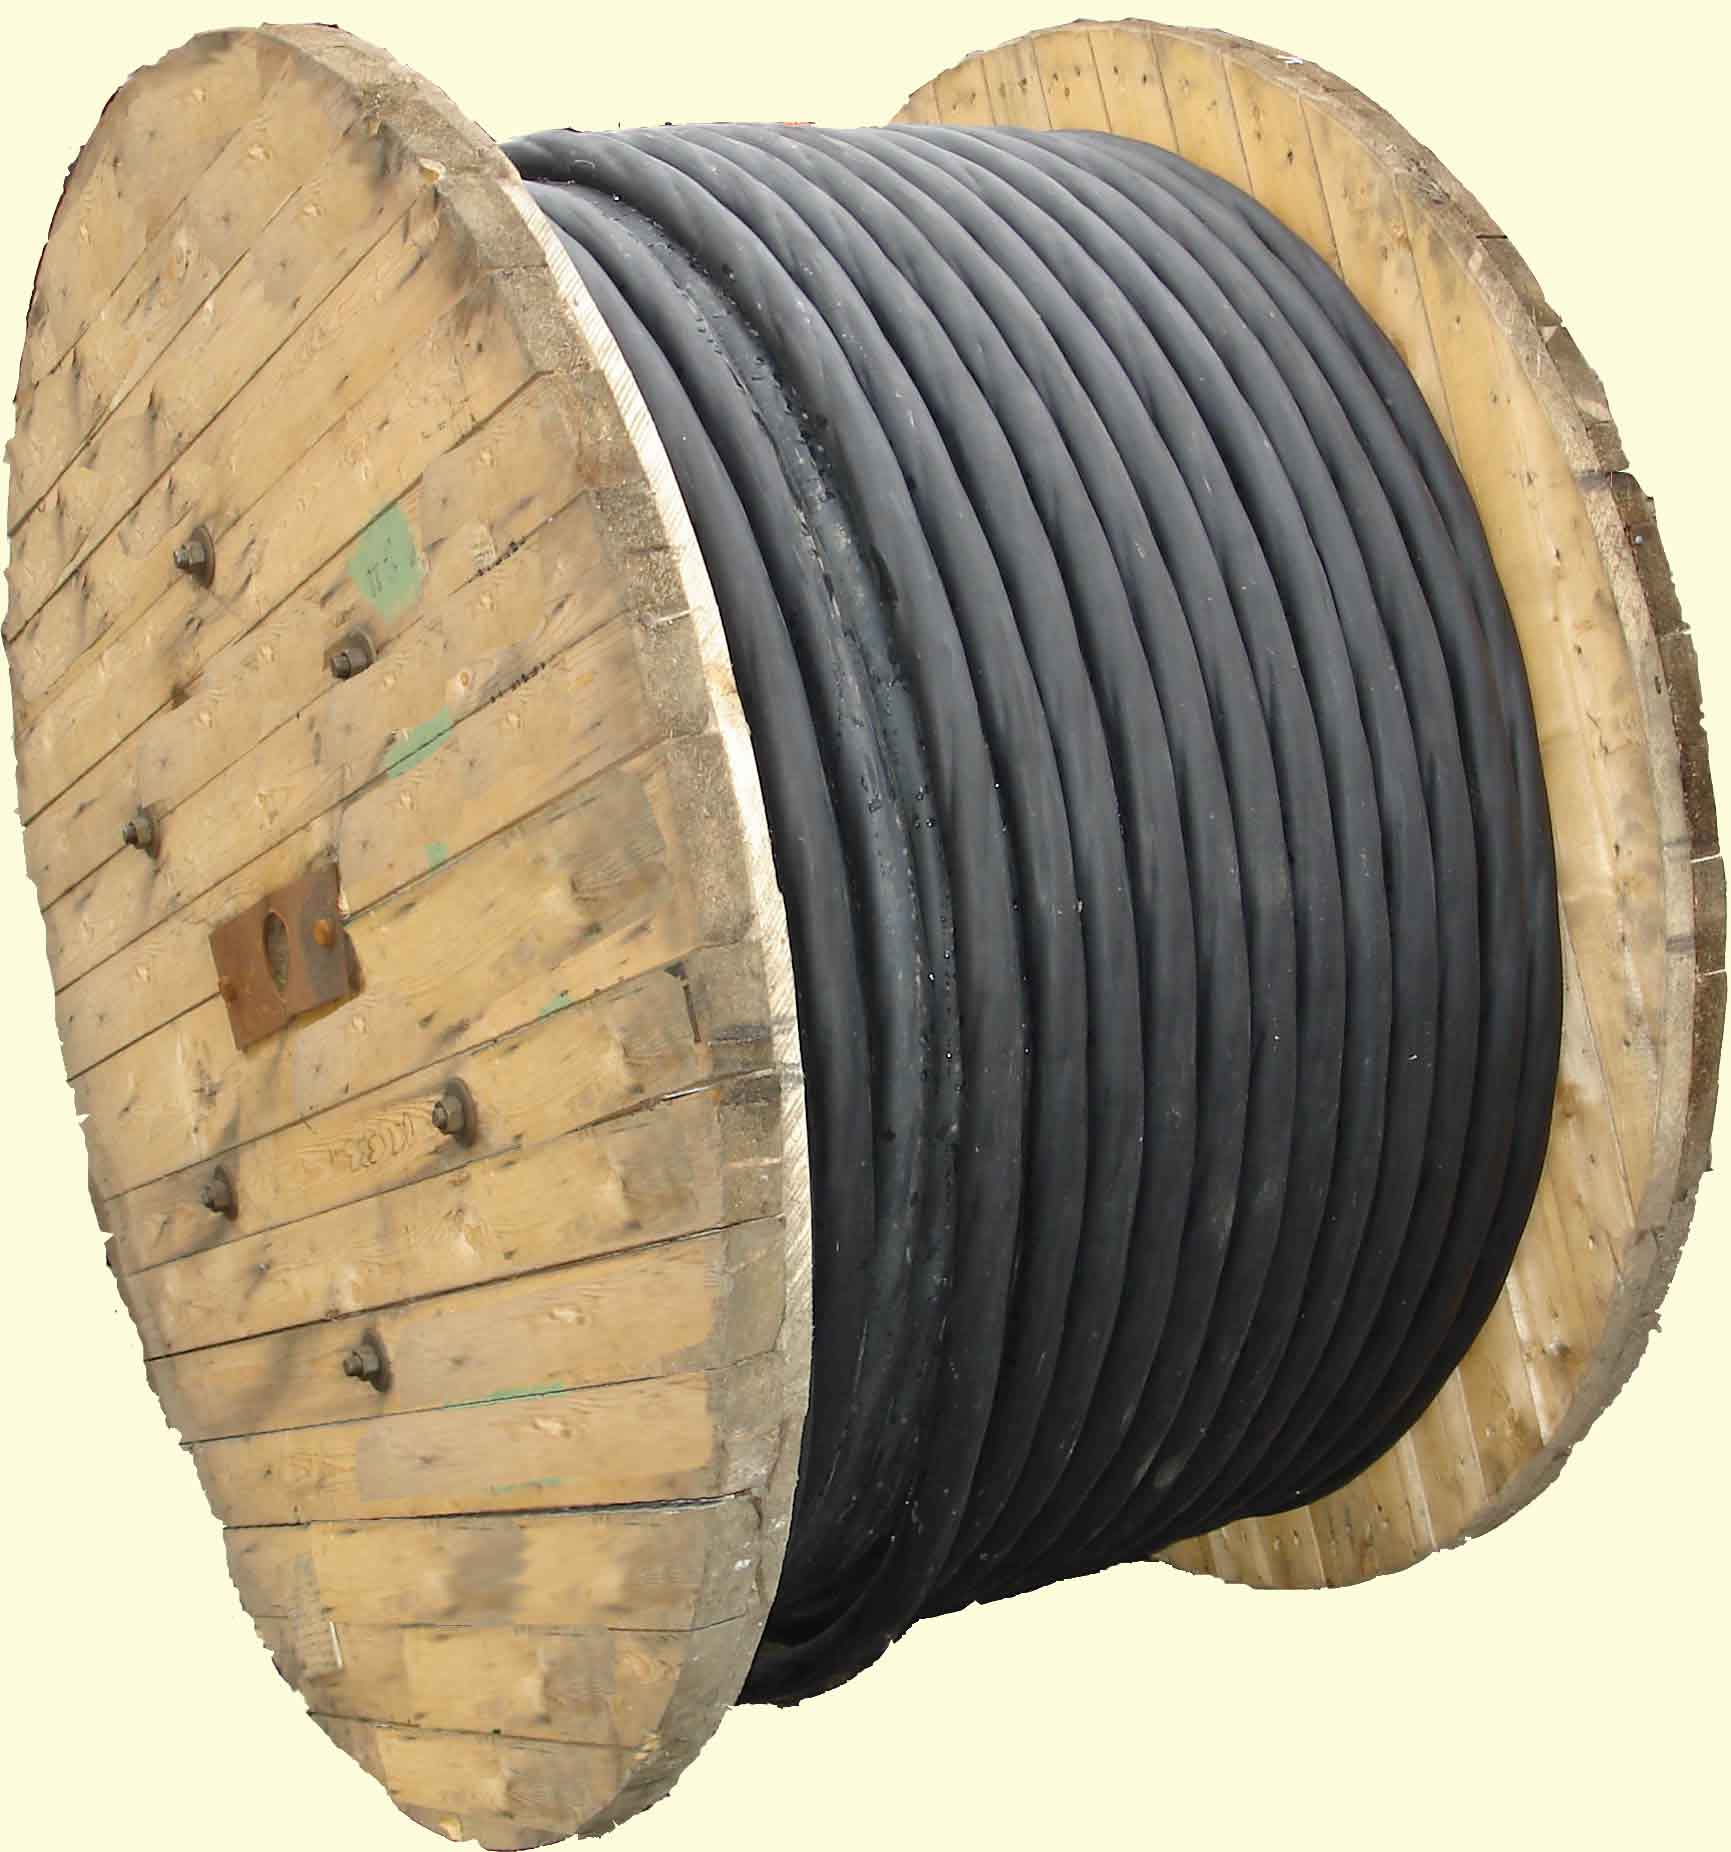 кабель кг 4х6 цена в омске